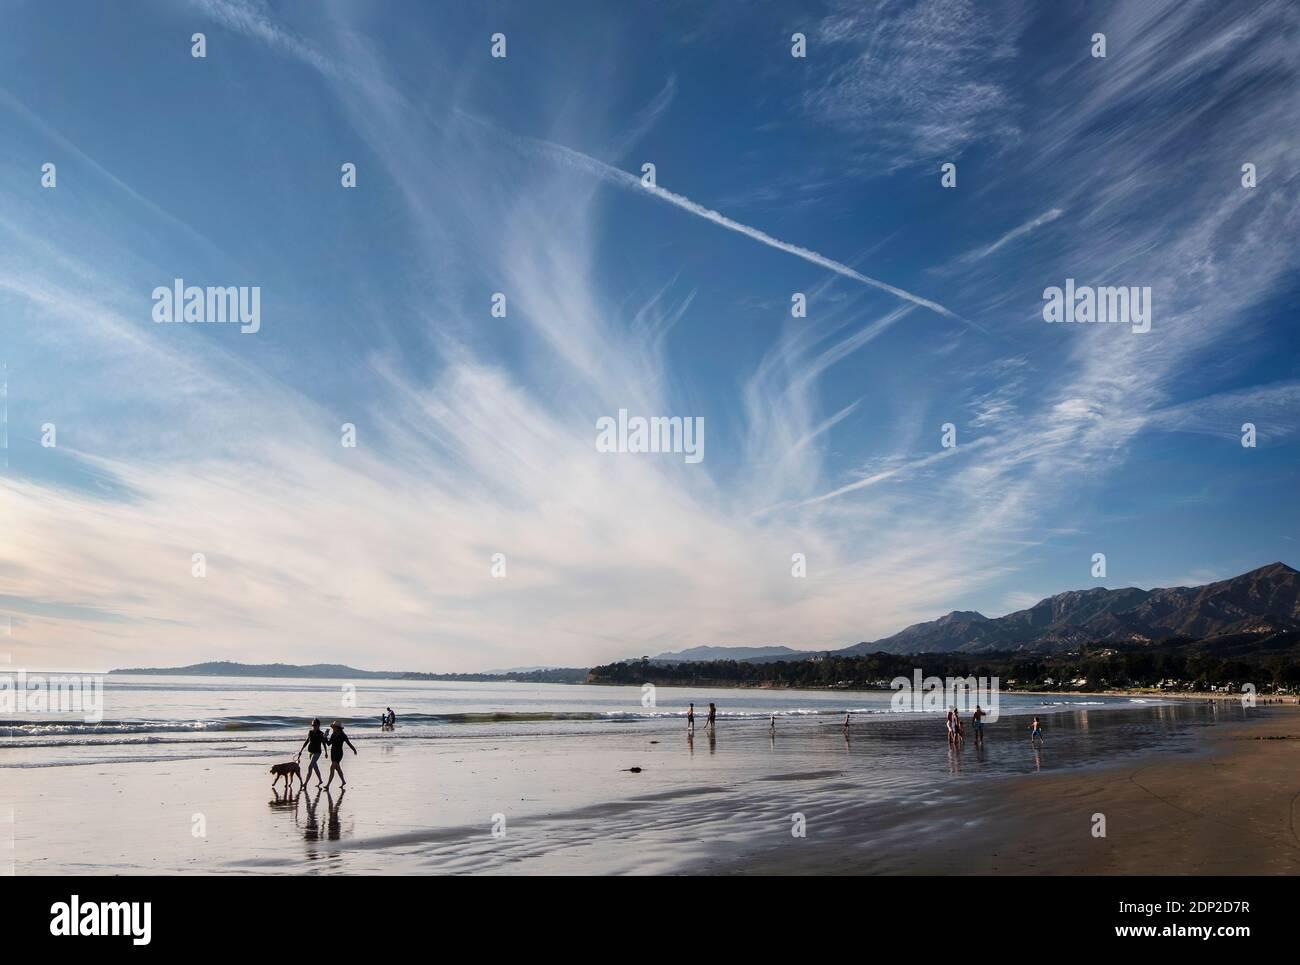 Playa de invierno en marea baja cerca de Carpinteria Sur de california Foto de stock